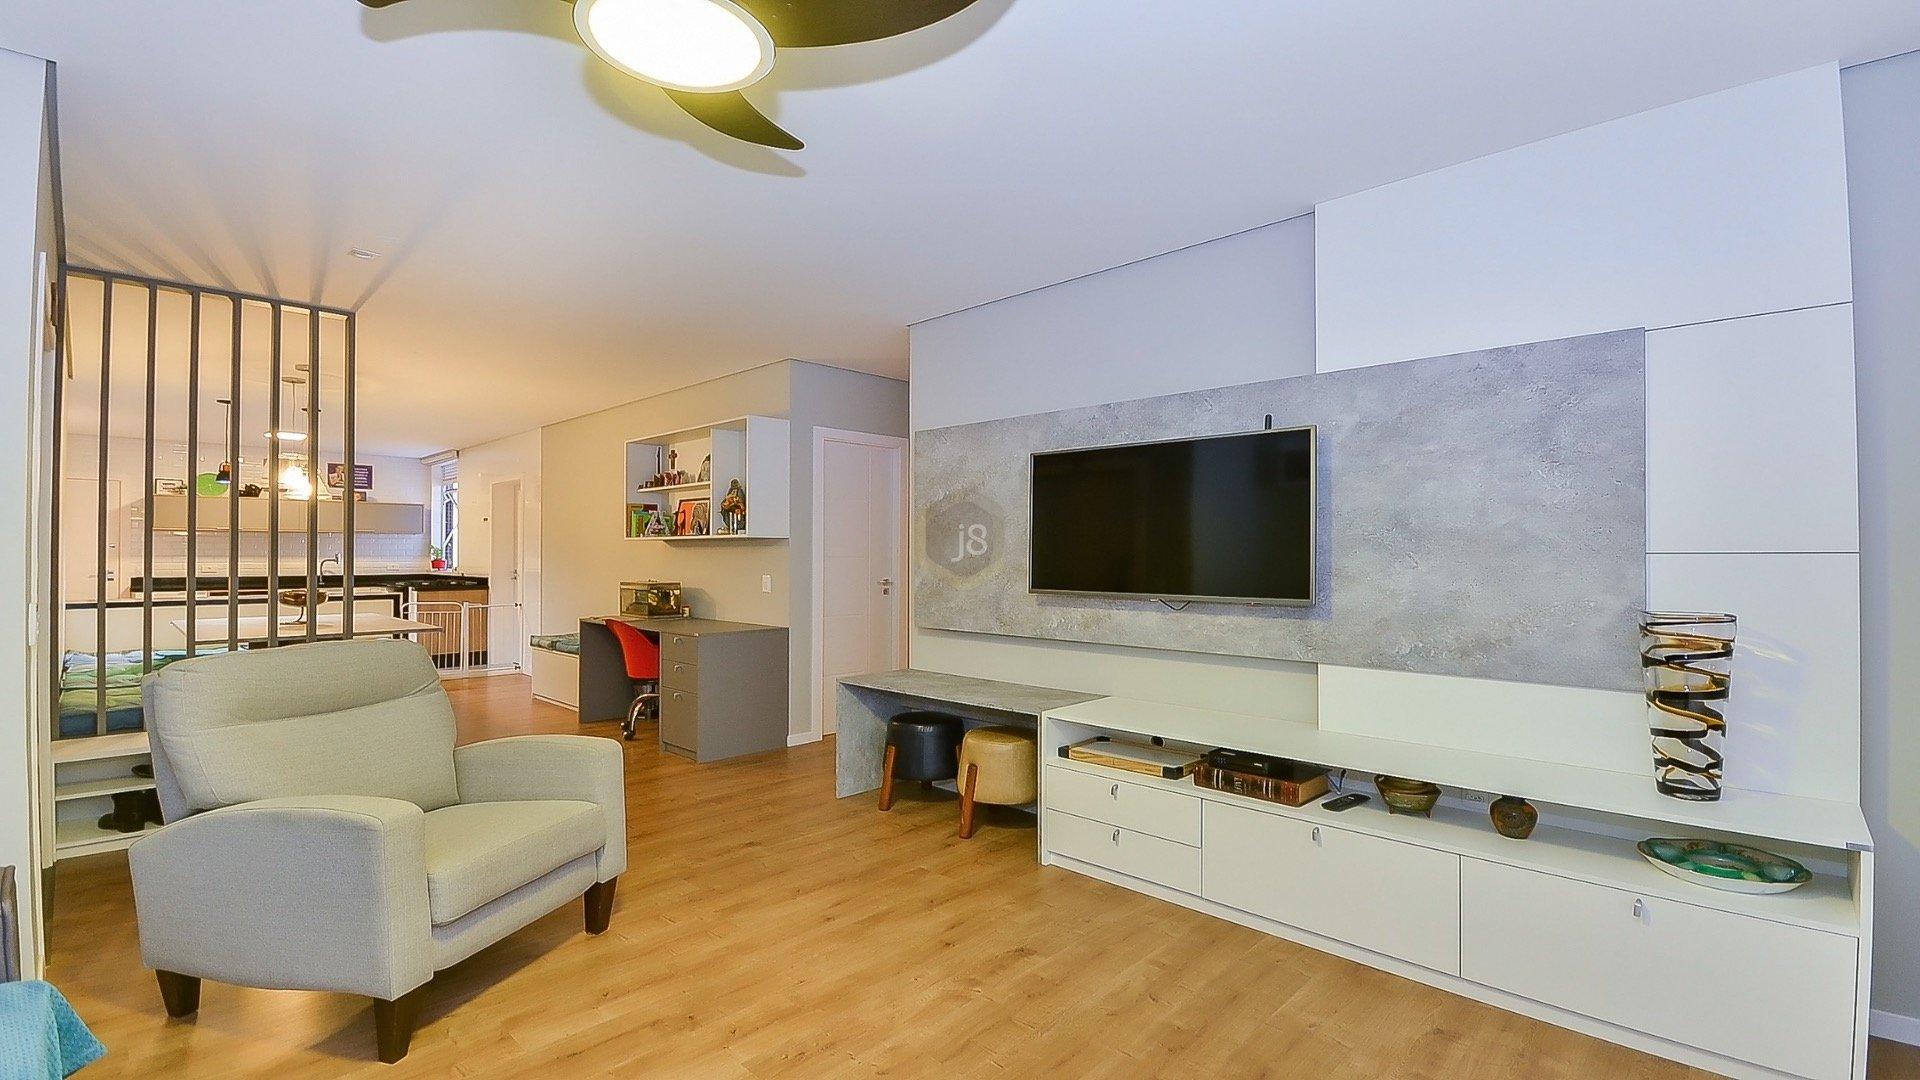 Foto de destaque Apartamento incrível com 2 suítes e 2 demi-suítes no juvevê